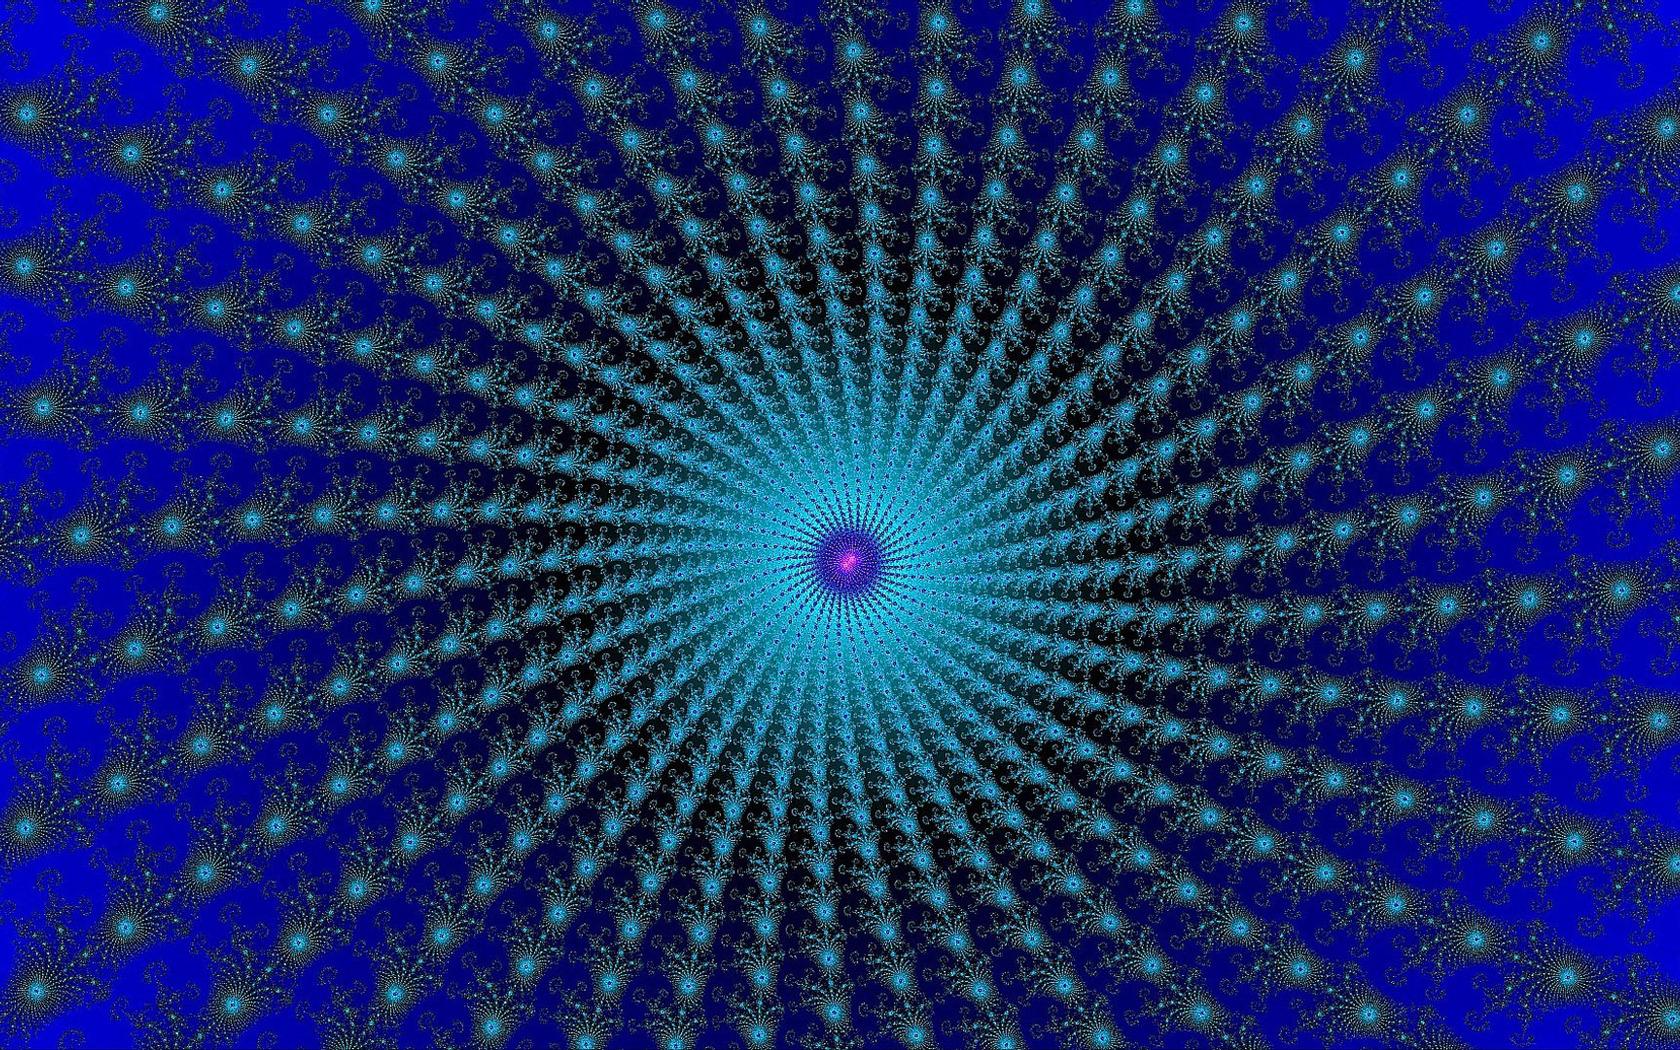 Blue vortex wallpaper 12167 1680x1050